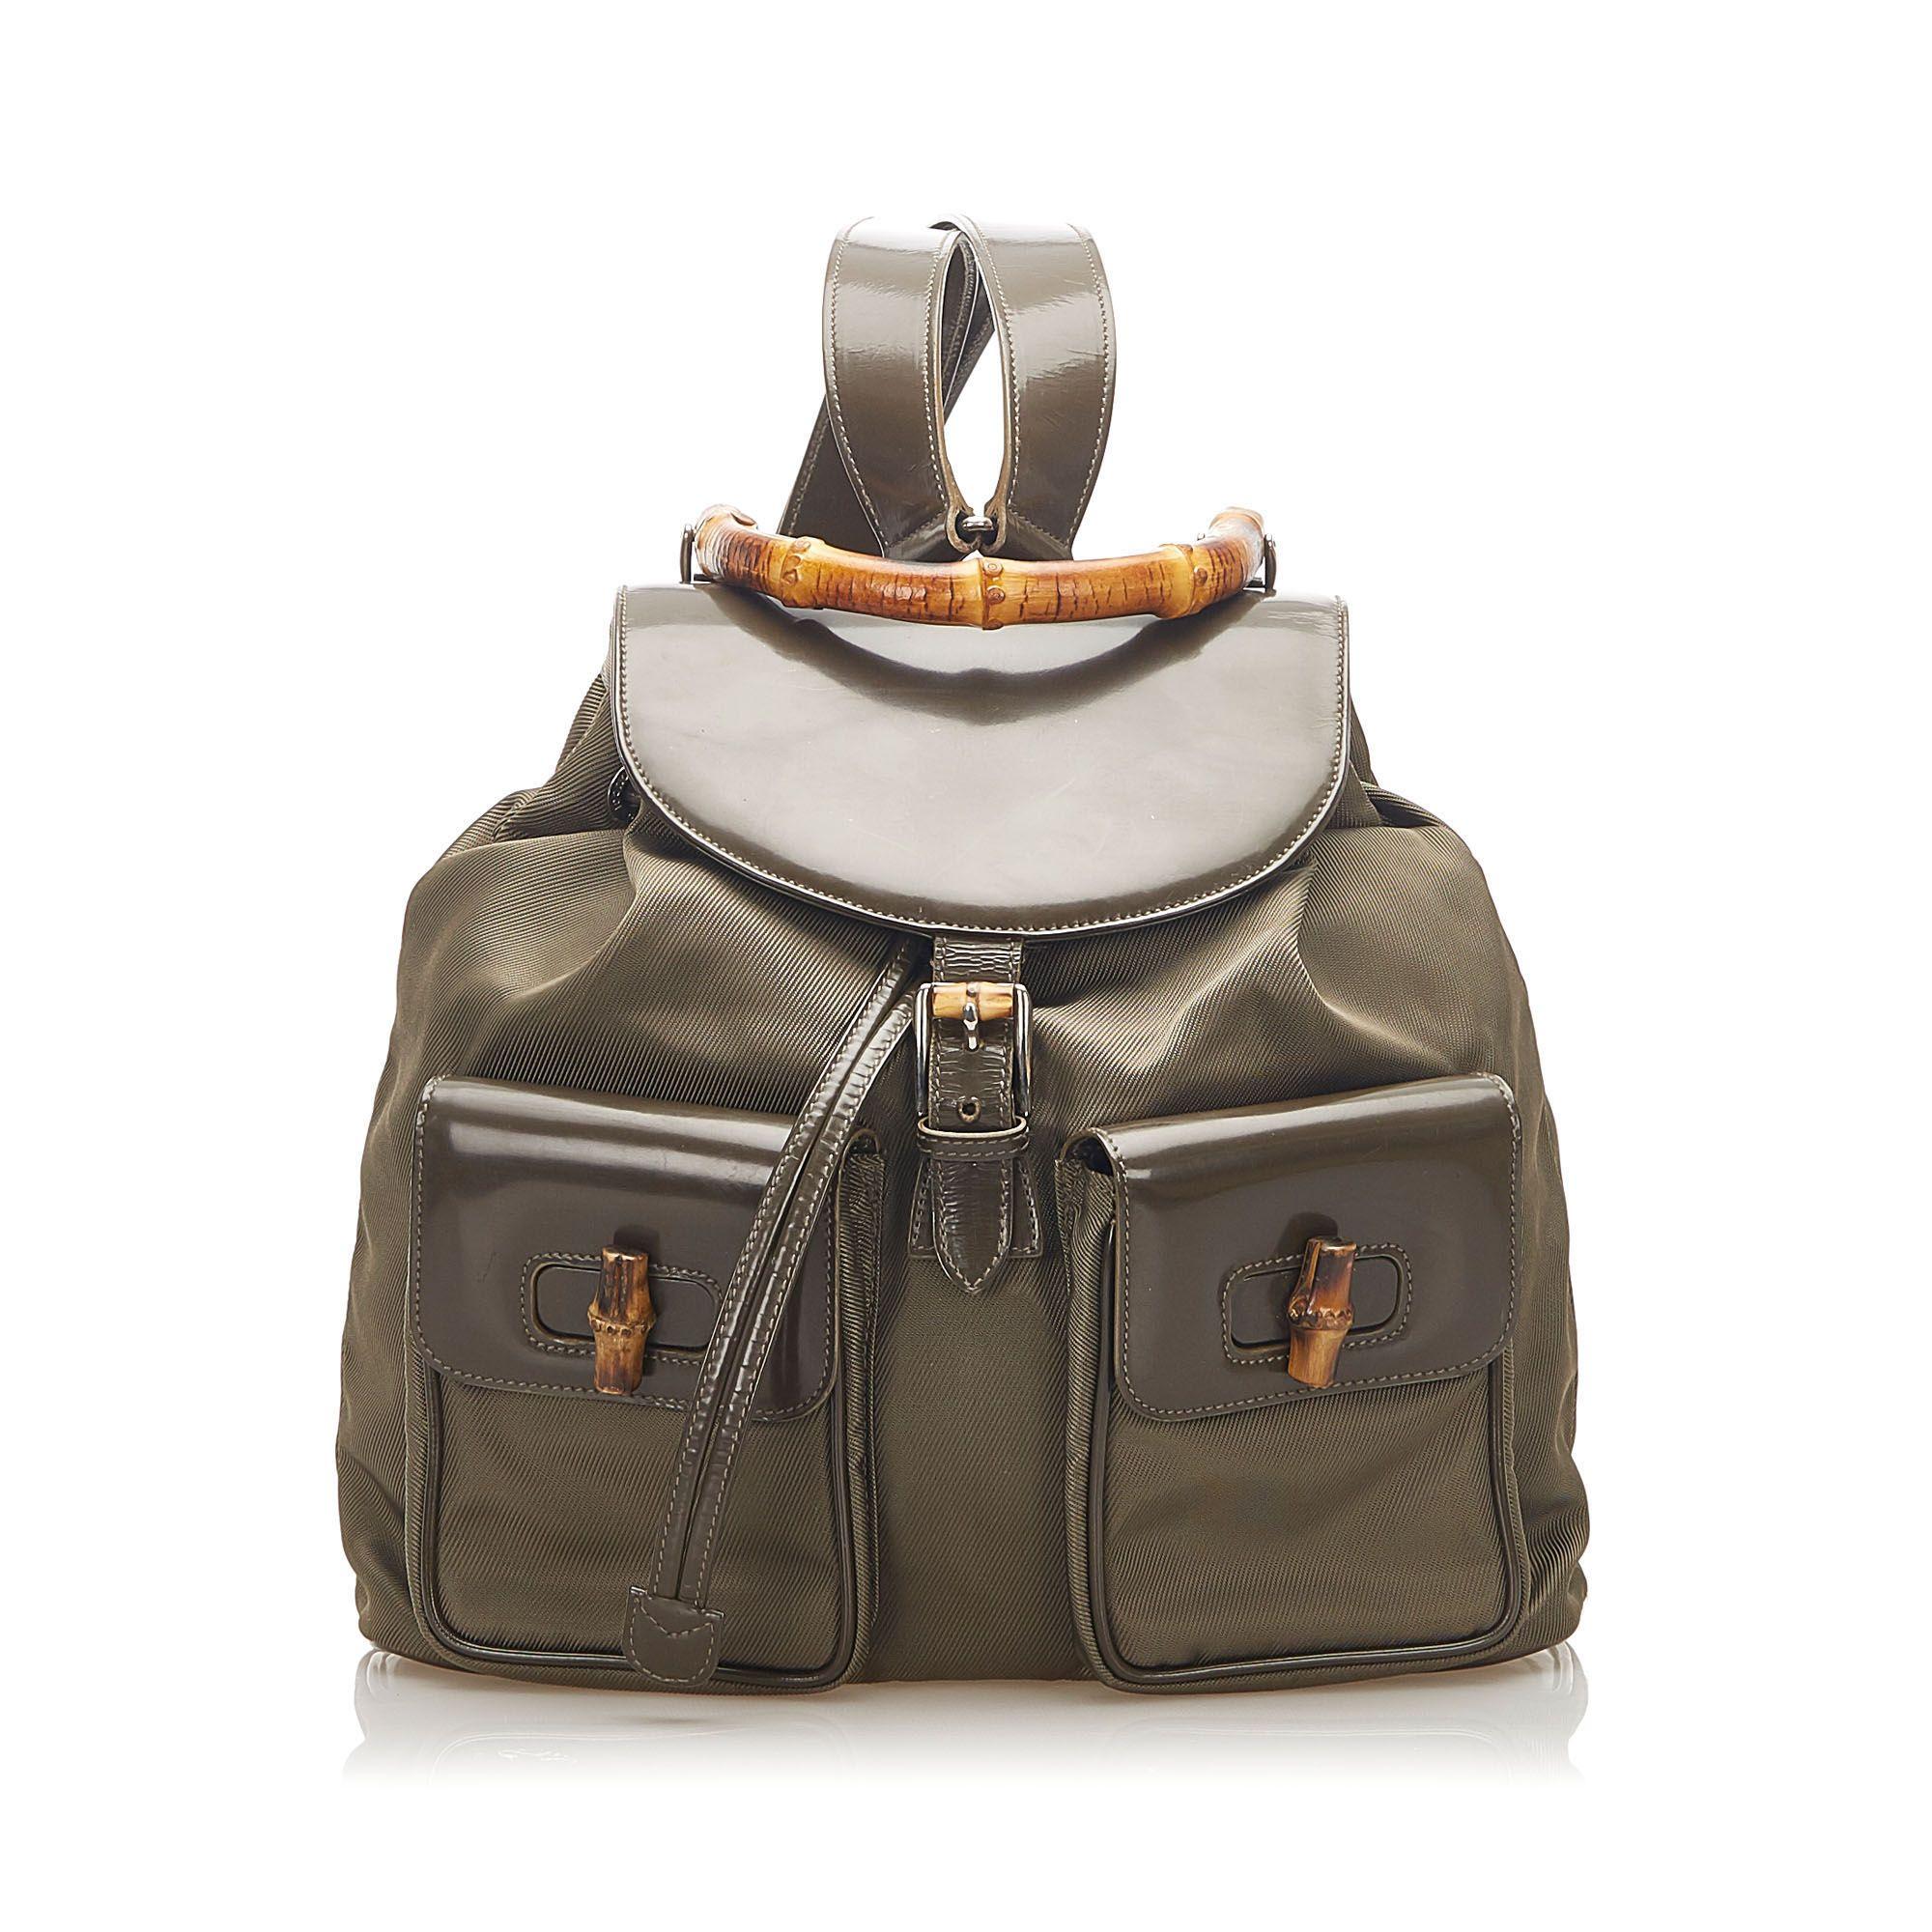 Vintage Gucci Bamboo Drawstring Nylon Backpack Brown